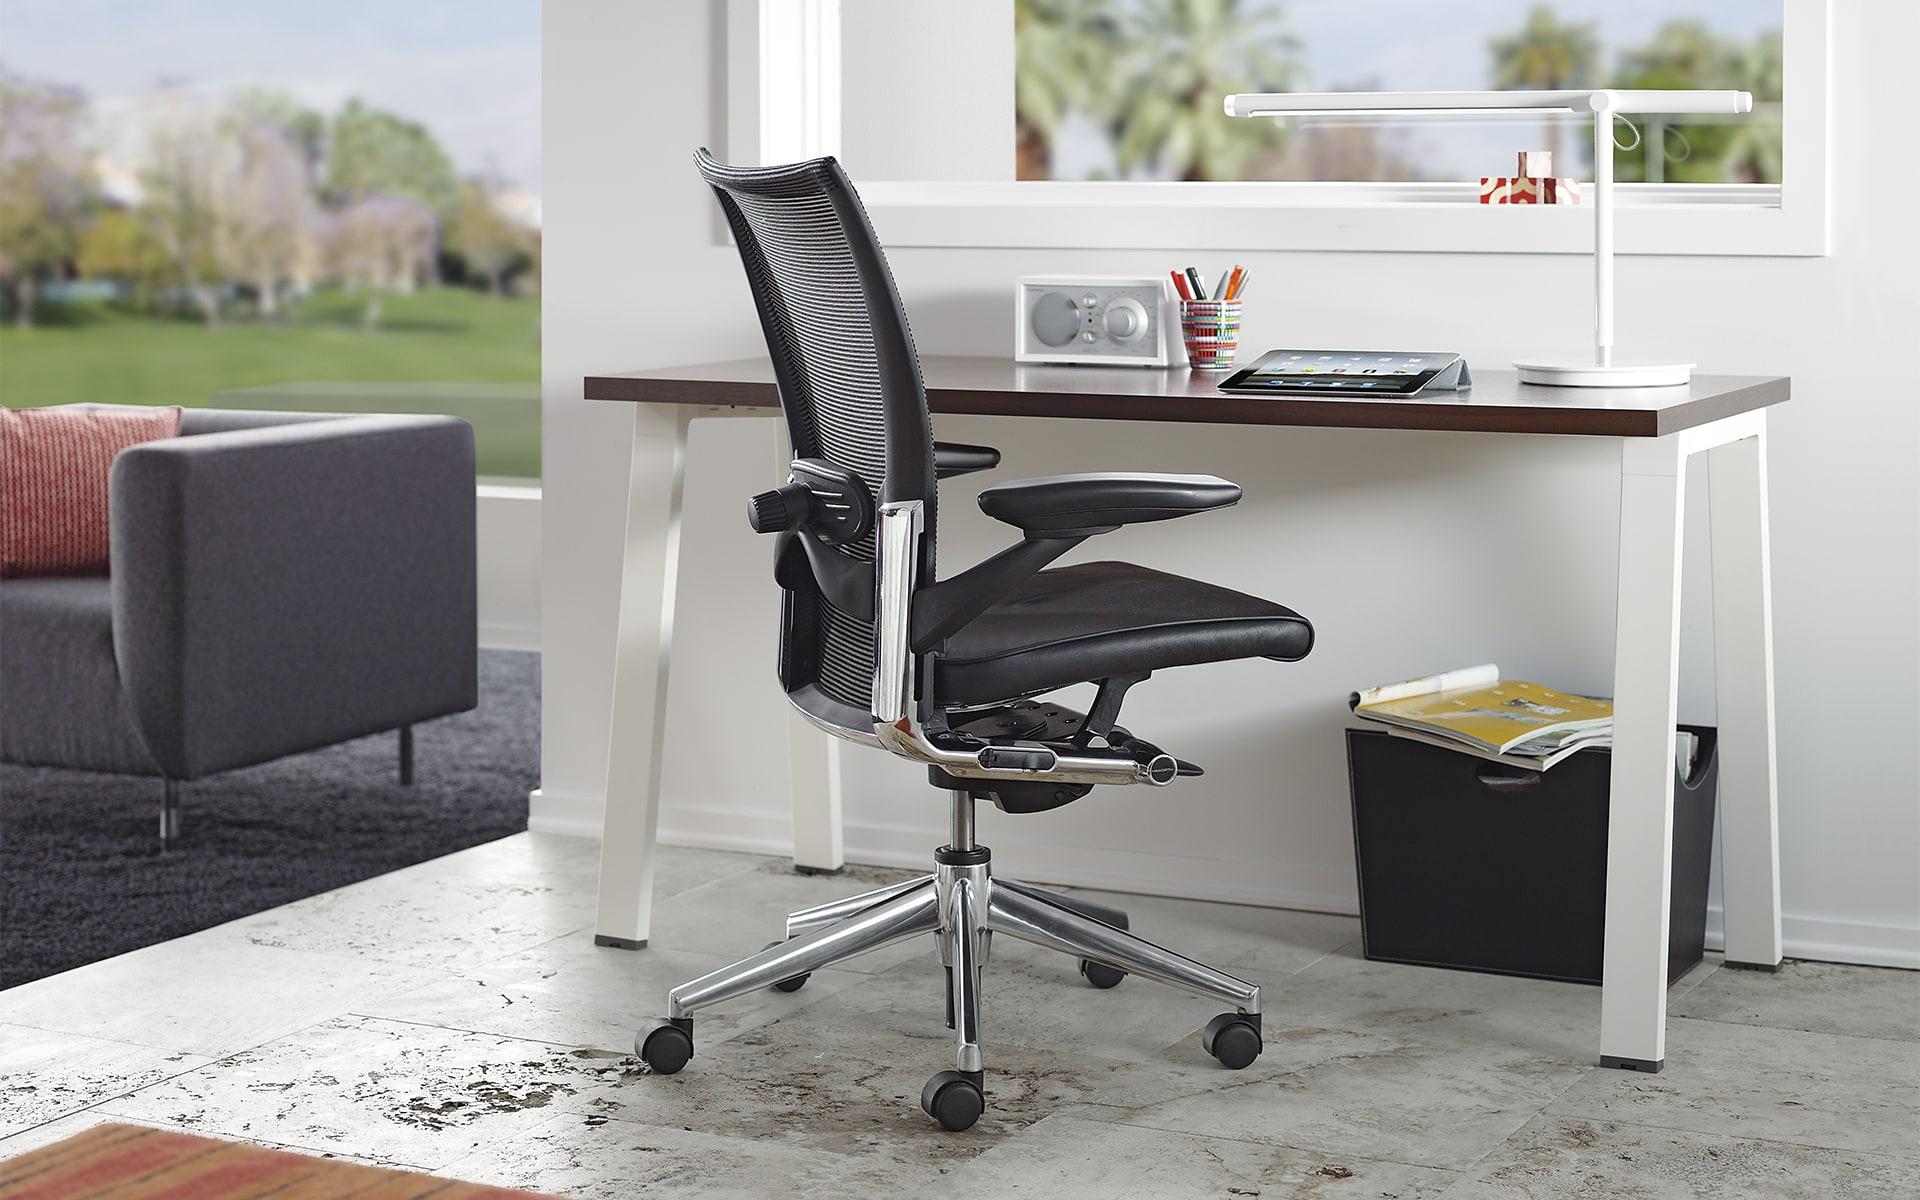 Schwarzer Haworth X99 Drehstuhl von ITO Design in hellem und modernem Büro